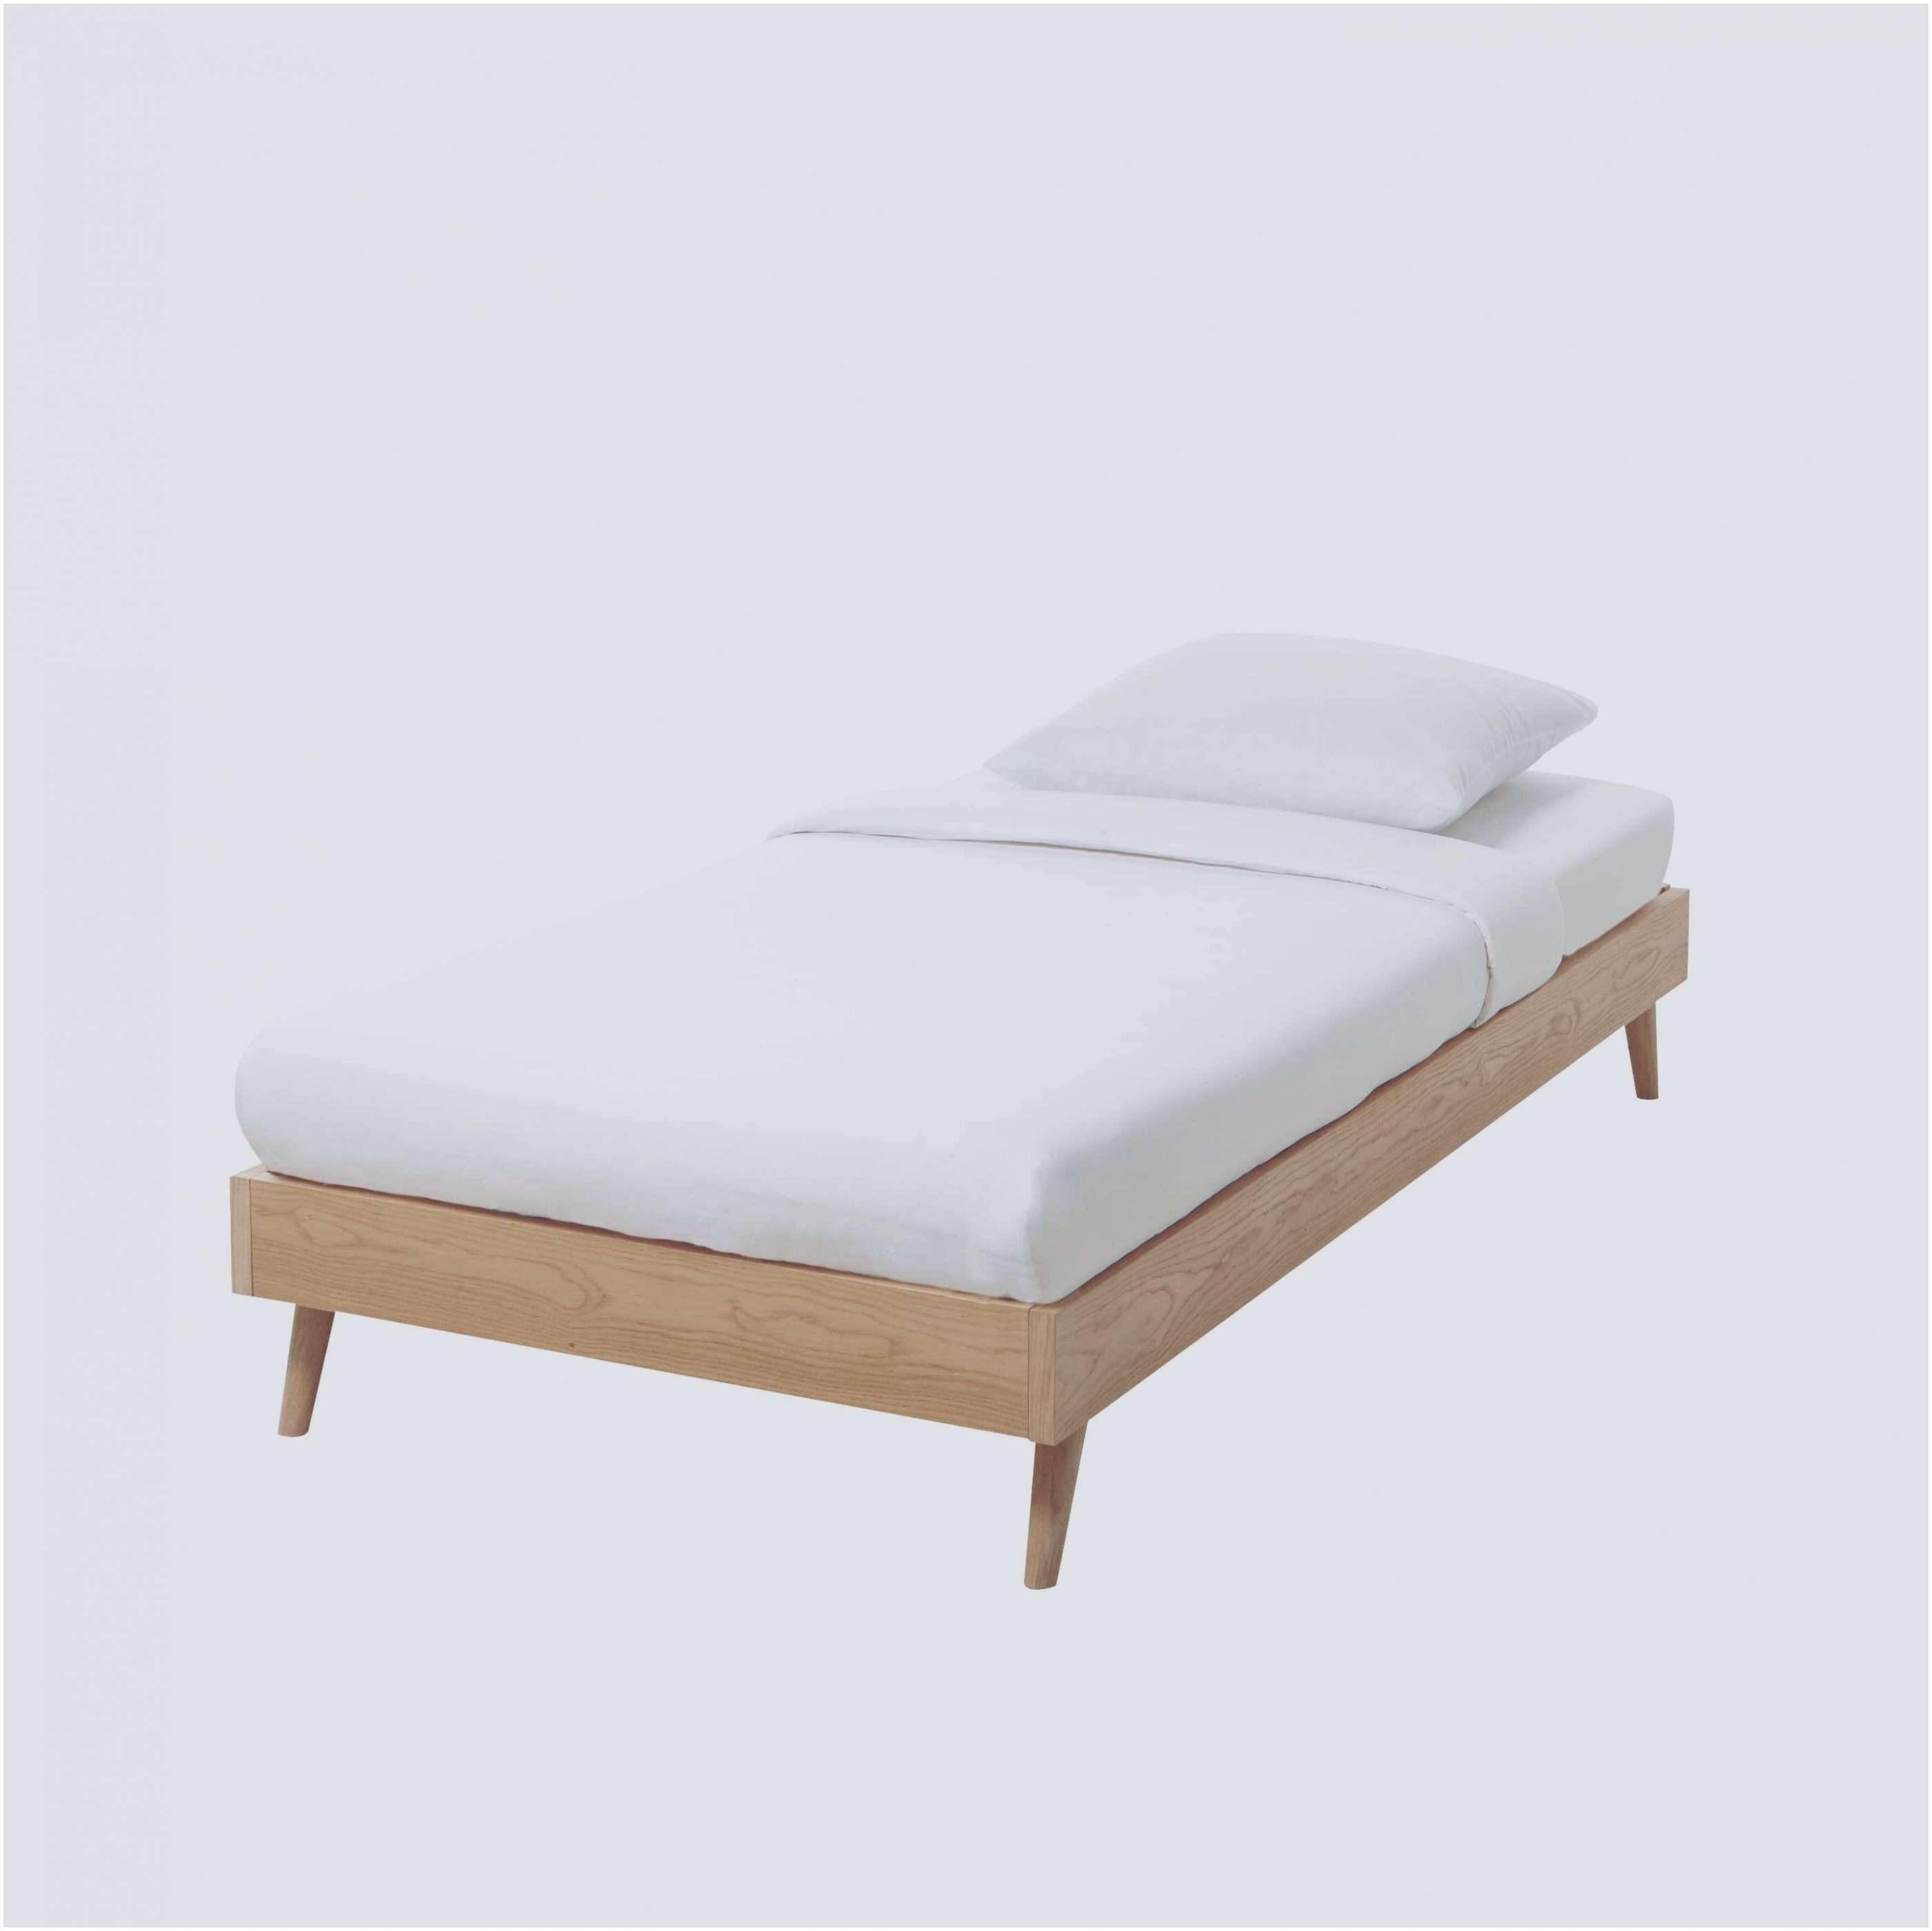 Parure De Lit 90×190 Inspirant Elégant Lit Conforama Table Cher Cuir Parure Lit Reine Conforama